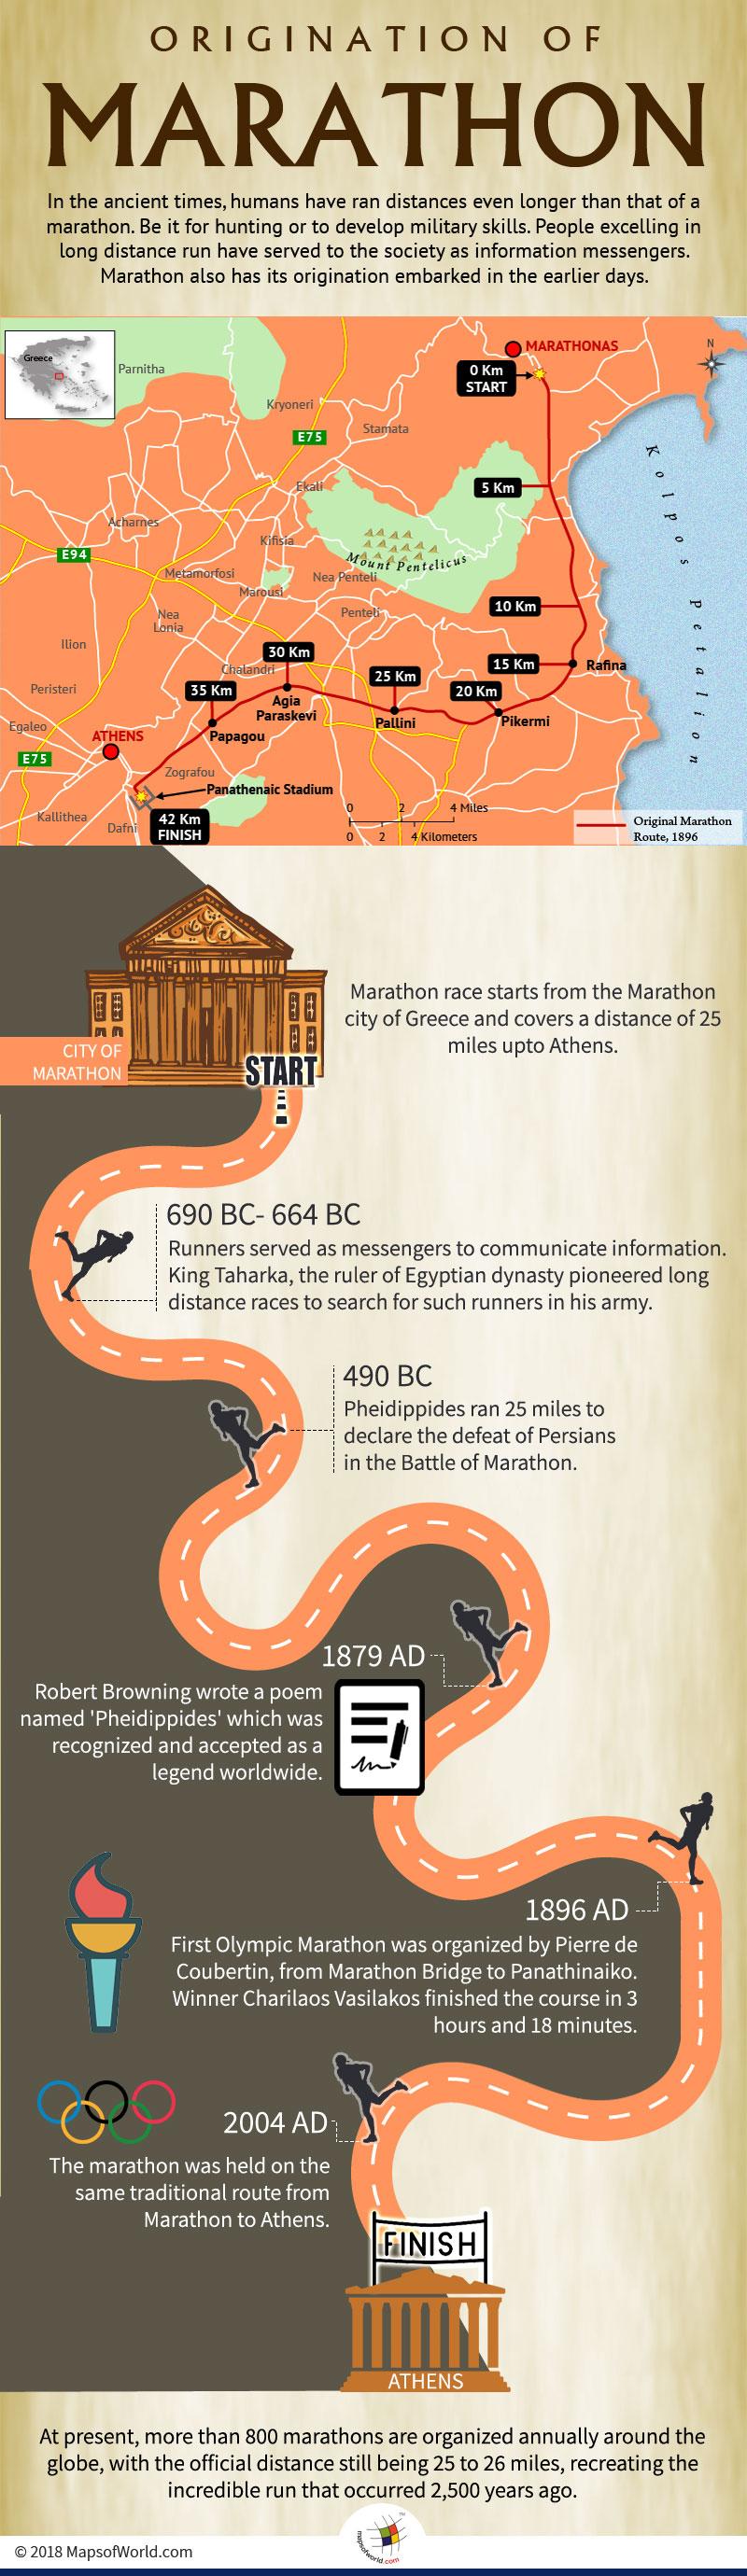 Infographic elaborating origination of Marathon